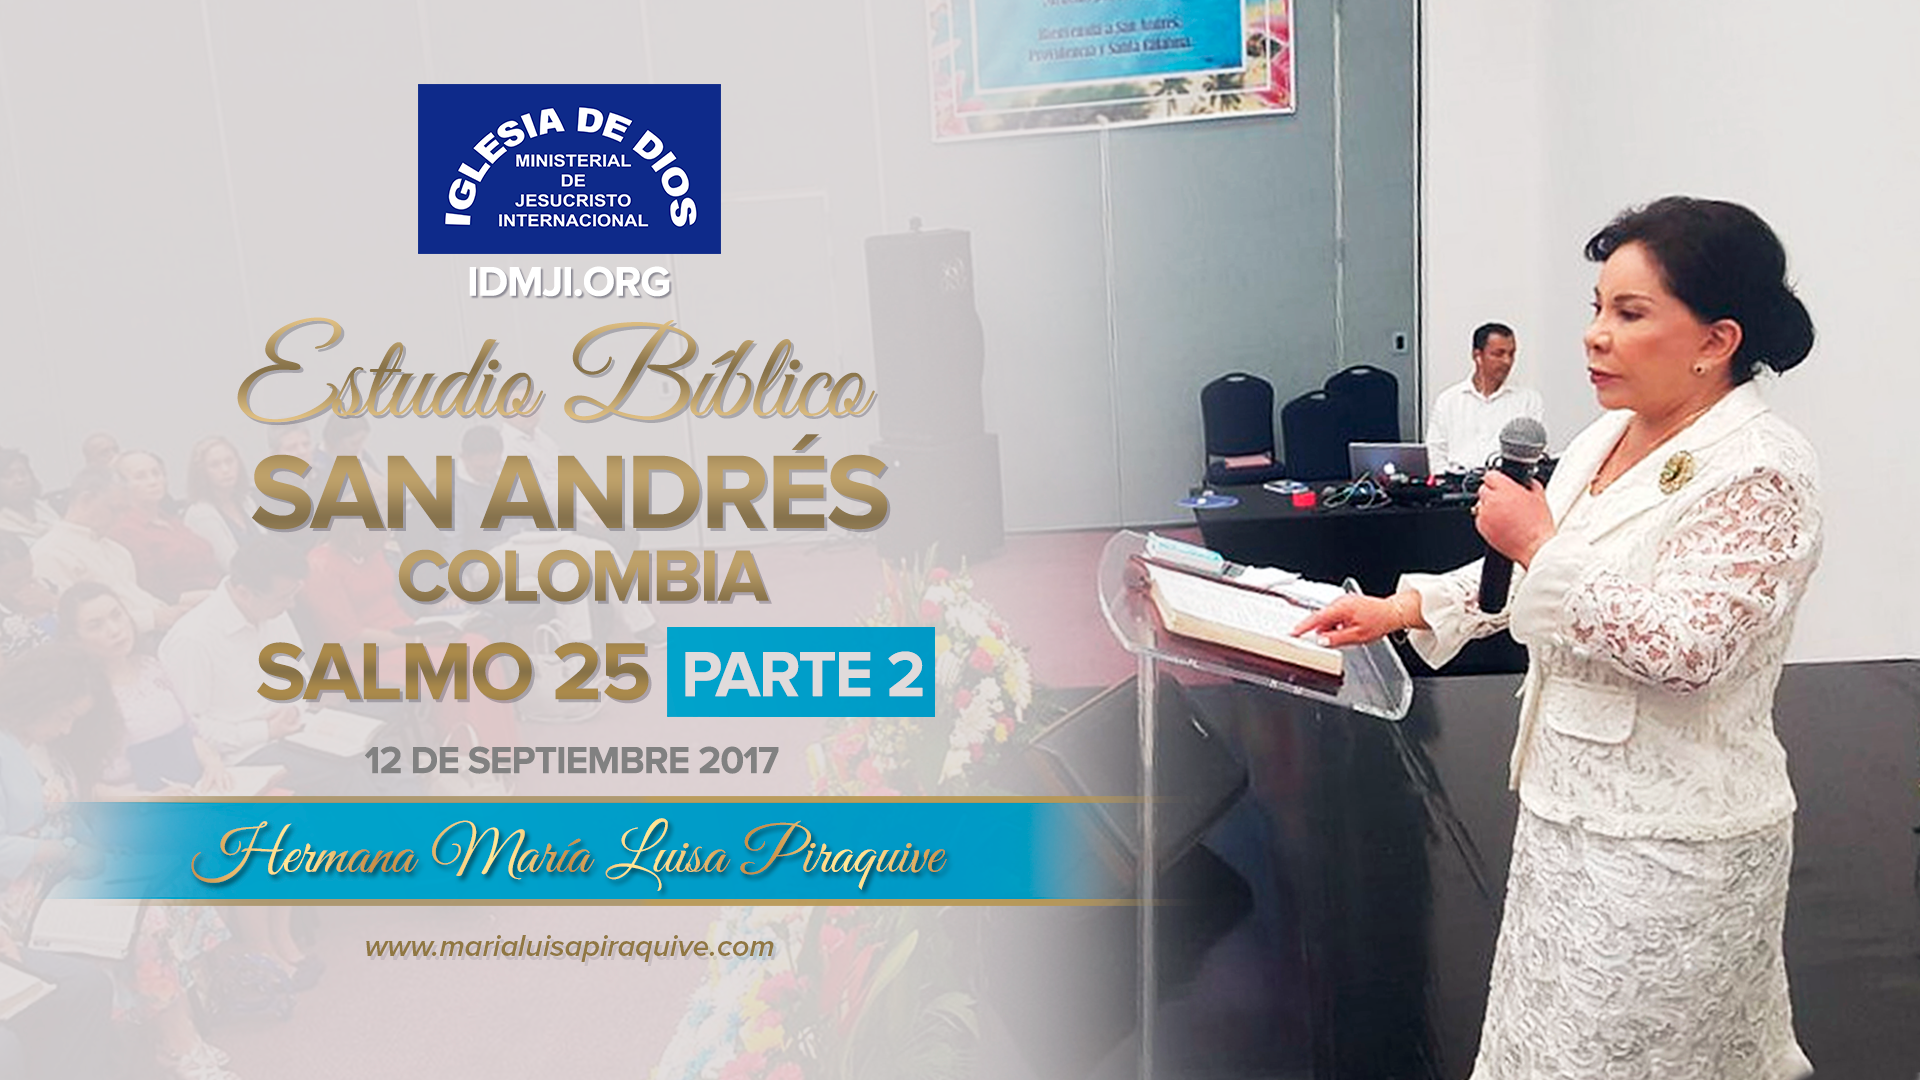 Estudio Bíblico: San Andrés Colombia (Parte 2)